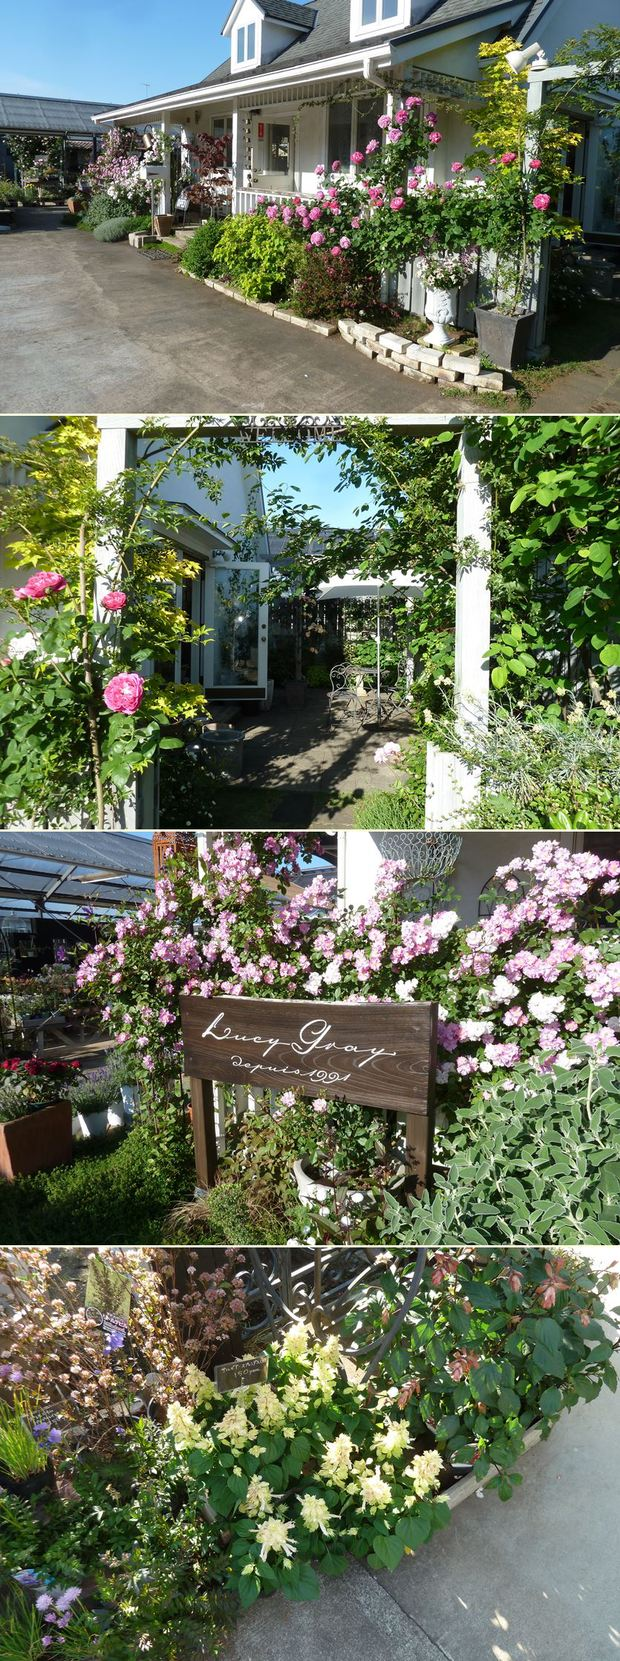 湘南「ルーシーグレイ」5月の庭☆_c0152341_23151340.jpg